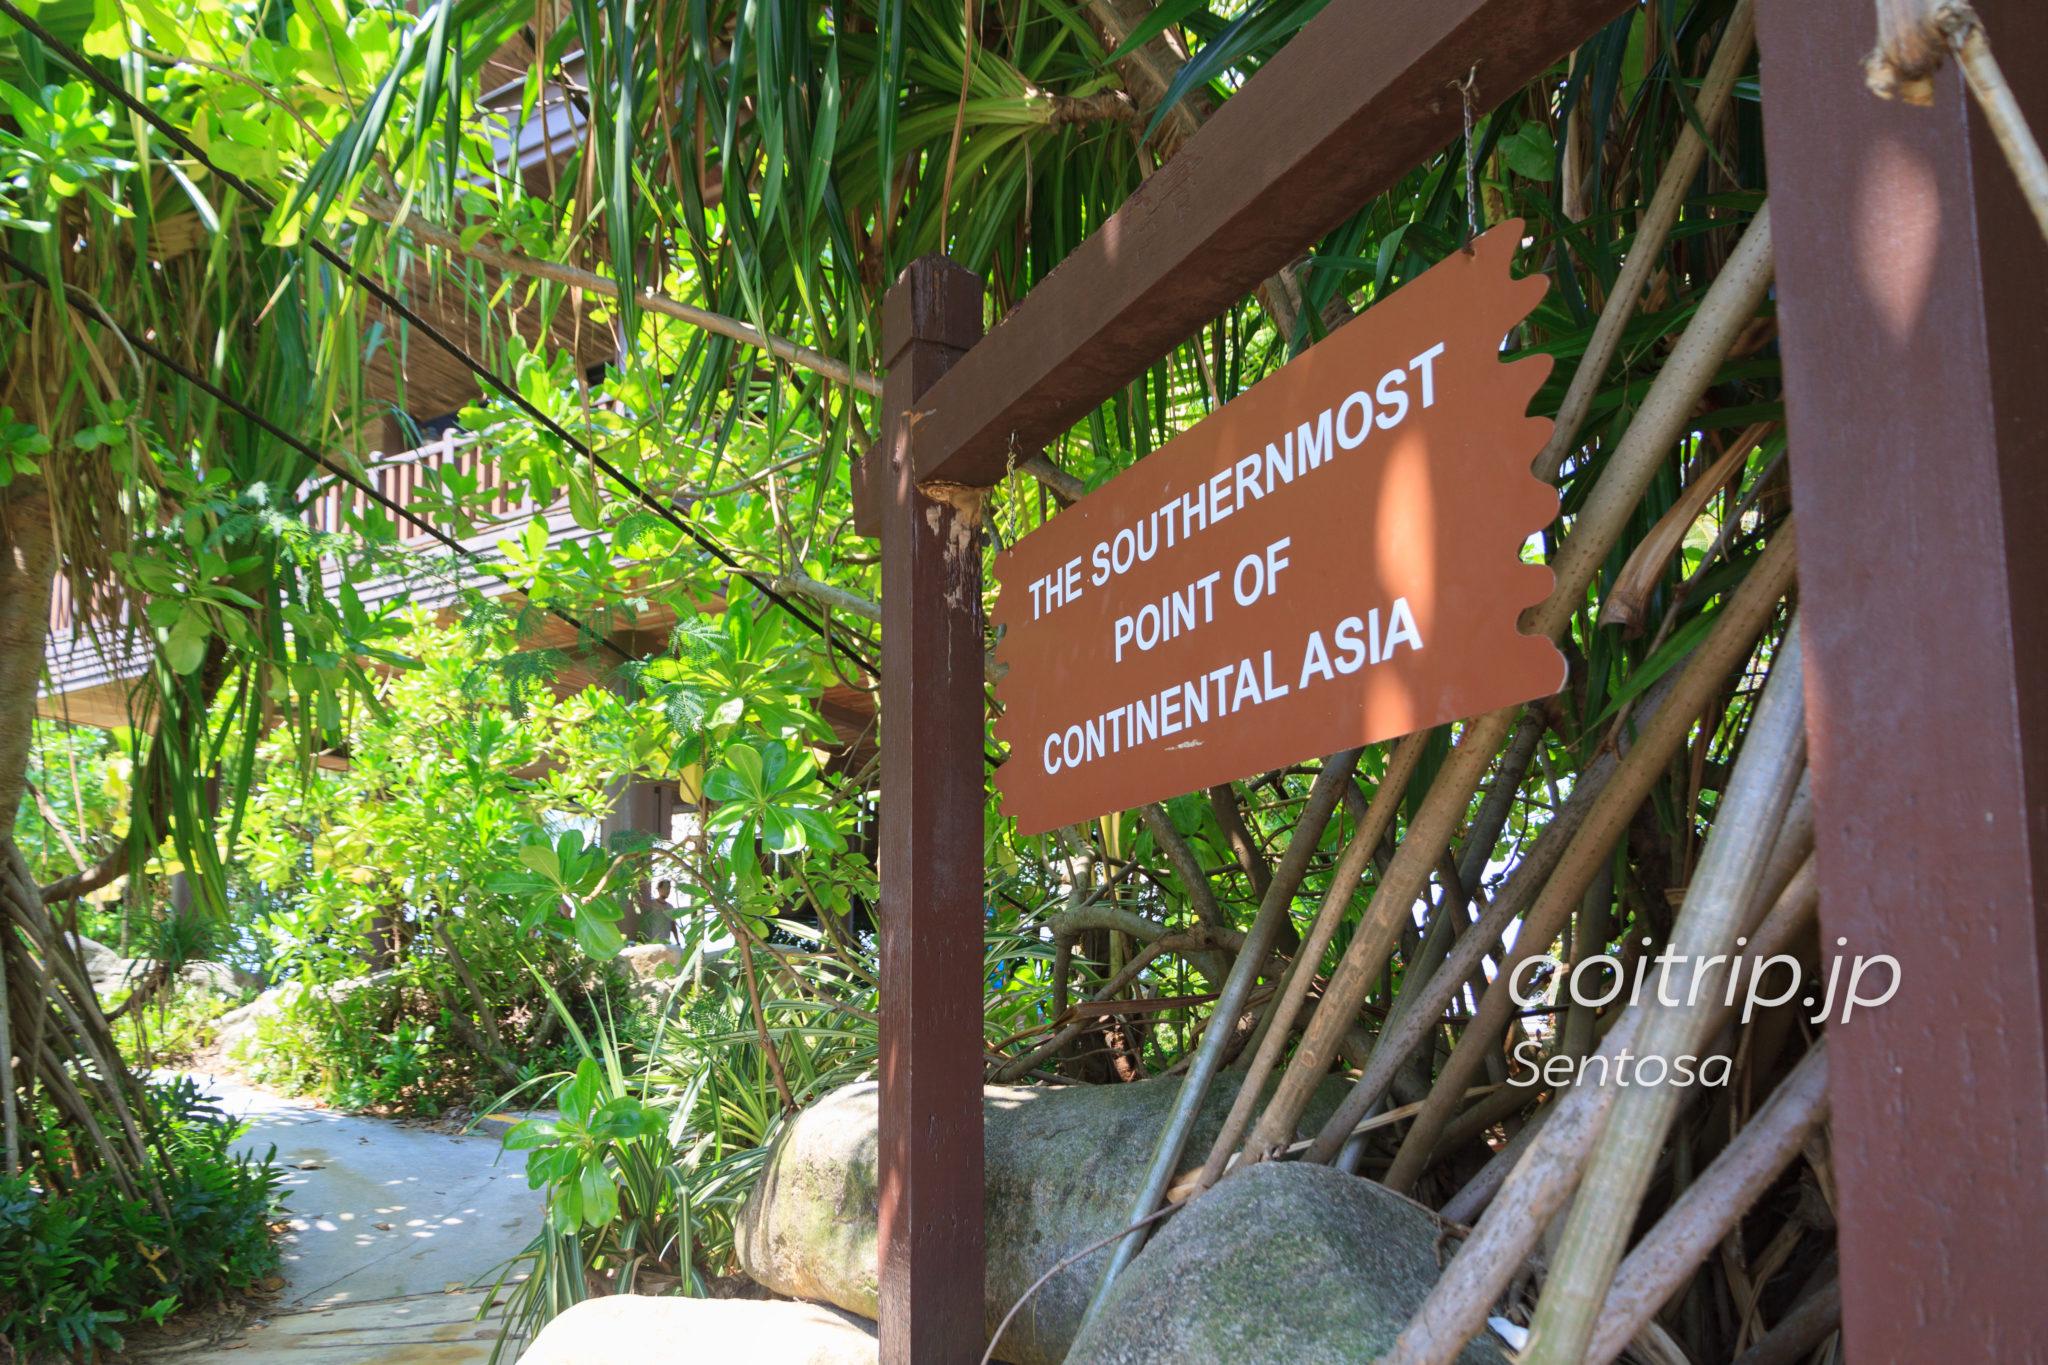 セントーサ島のアジア大陸最南端ポイントの看板